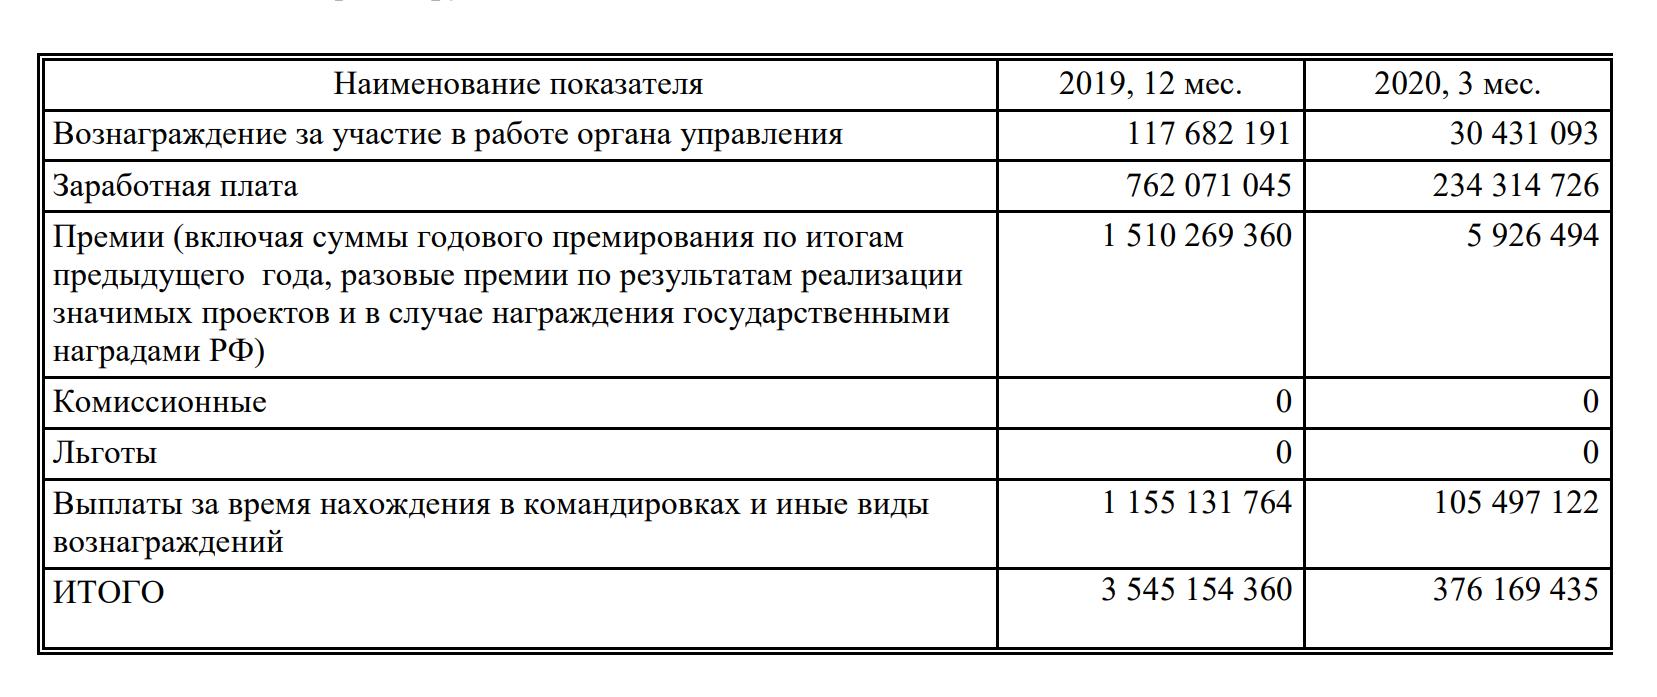 Правление «Роснефти» получило премии на фоне убытка в 156 миллиардов рублей